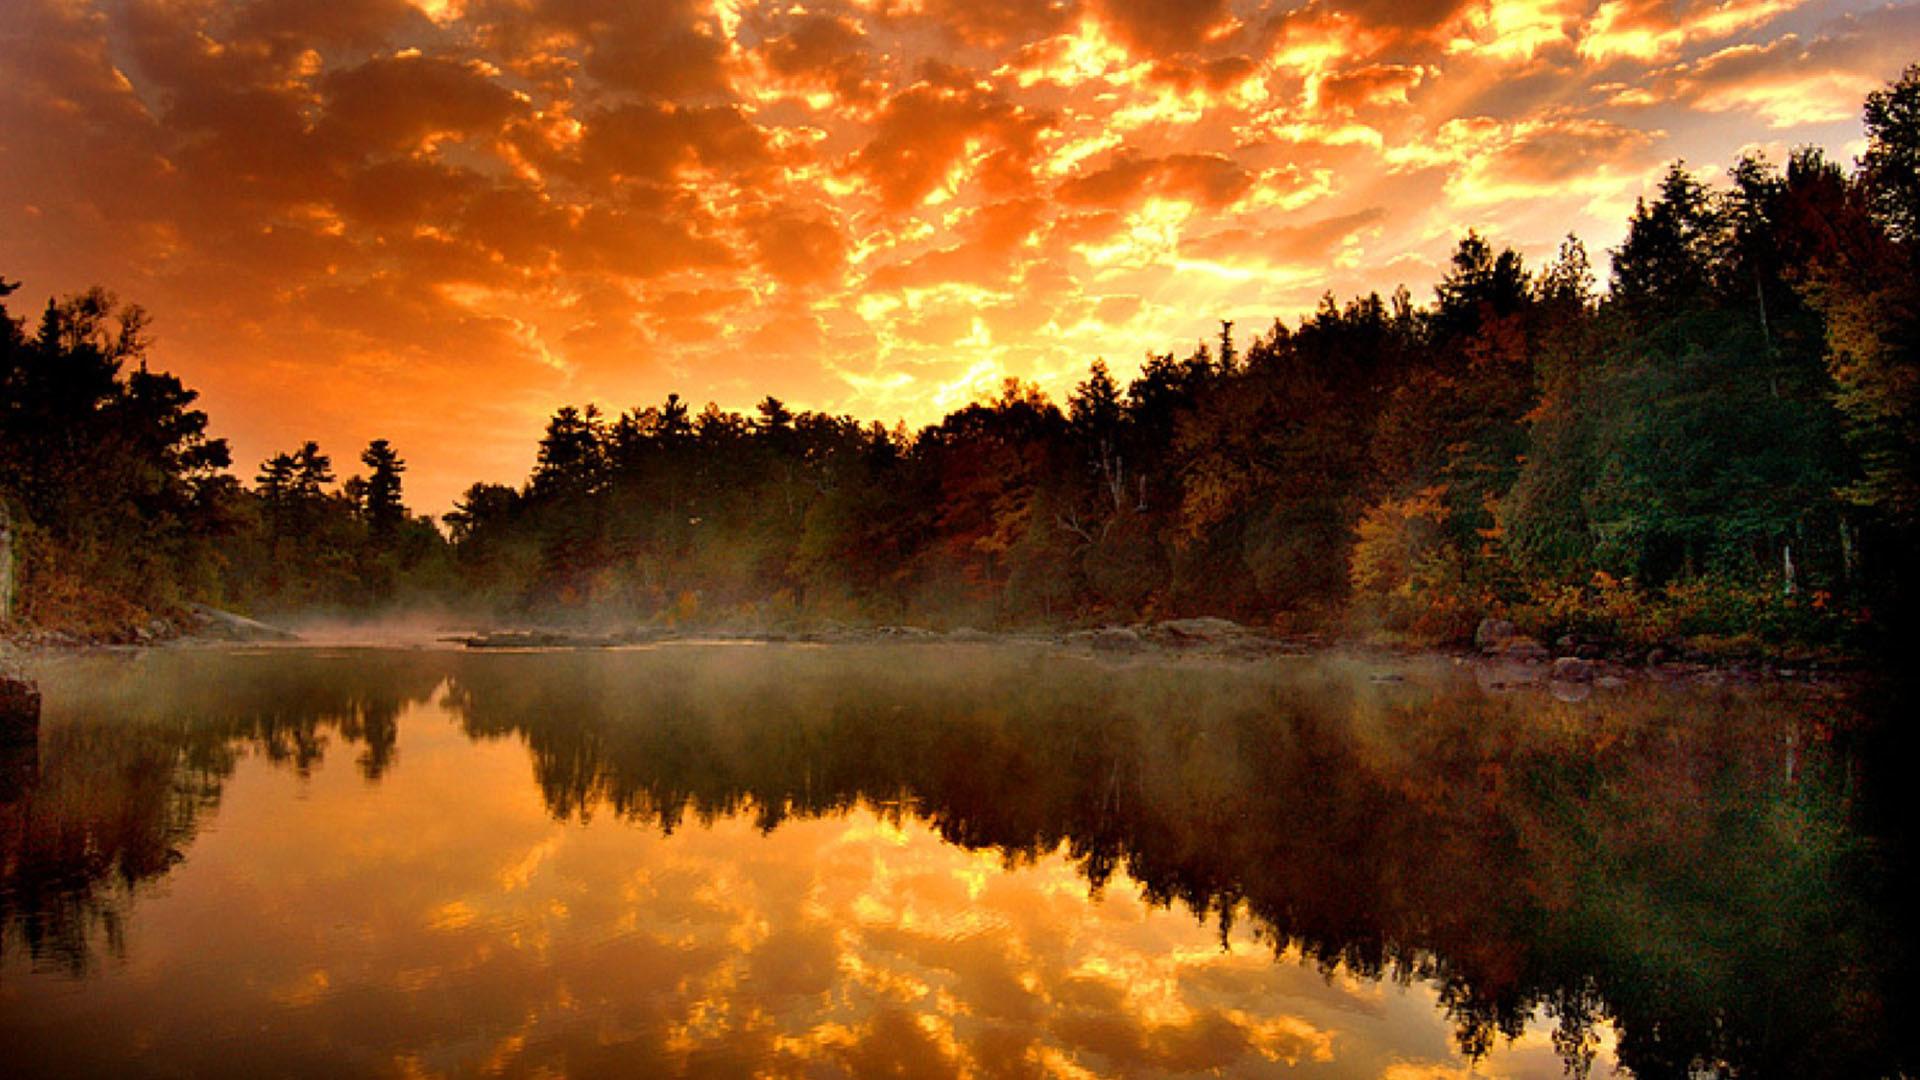 Nature Sunset Wallpaper HD 1080p | HD Wallpaper